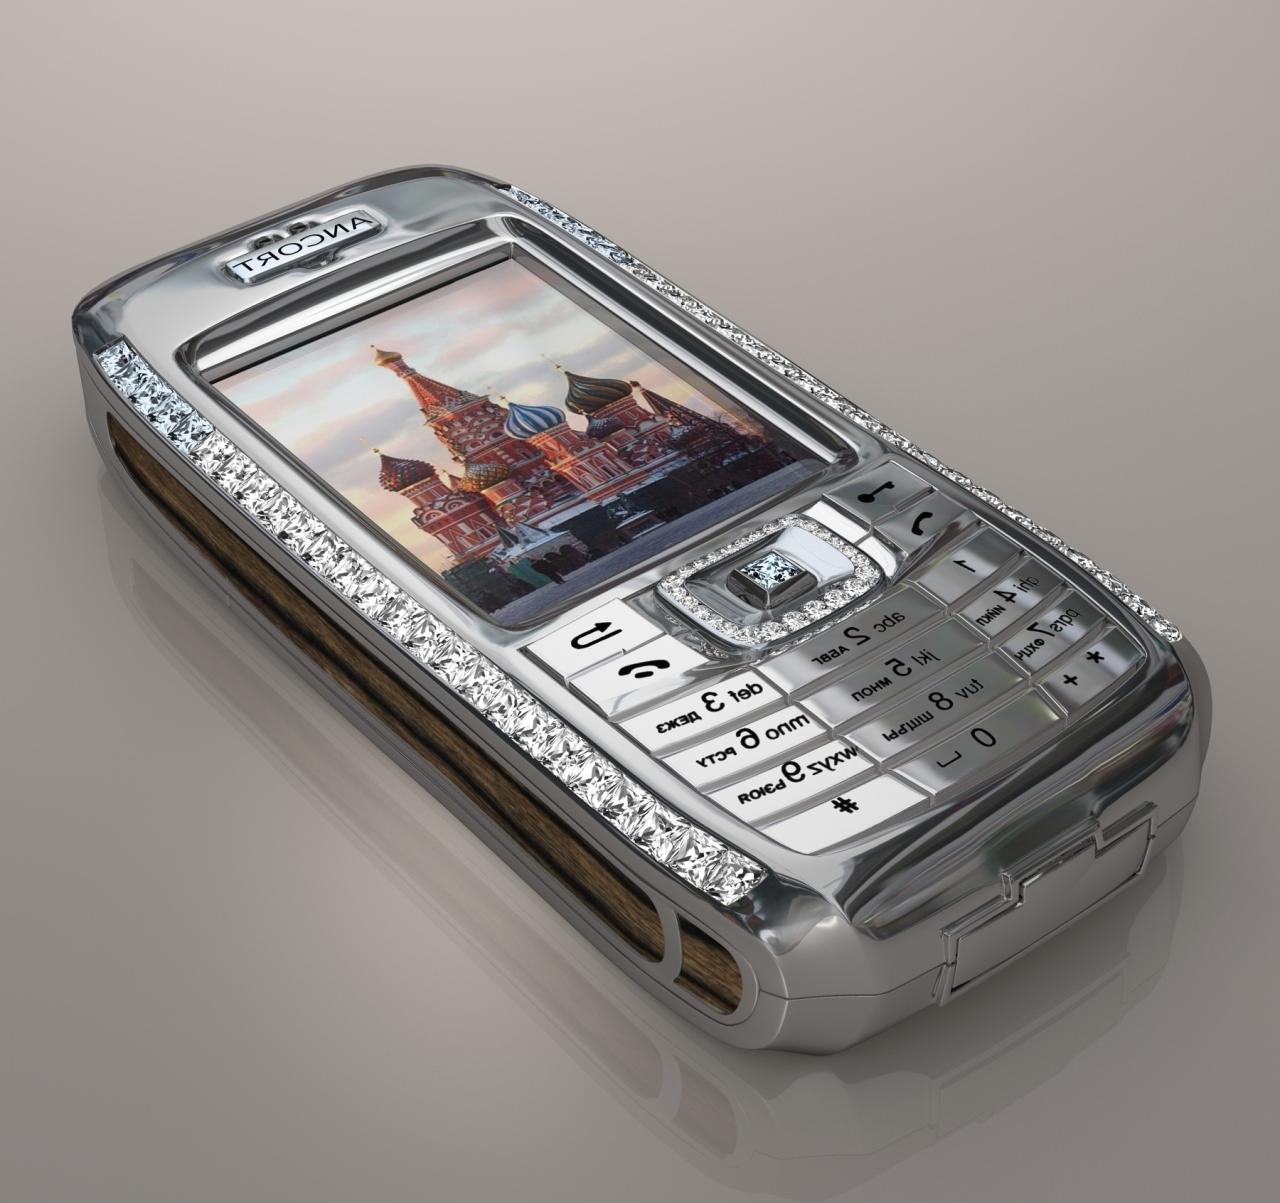 Внешний вид Diamond Crypto Smartphone